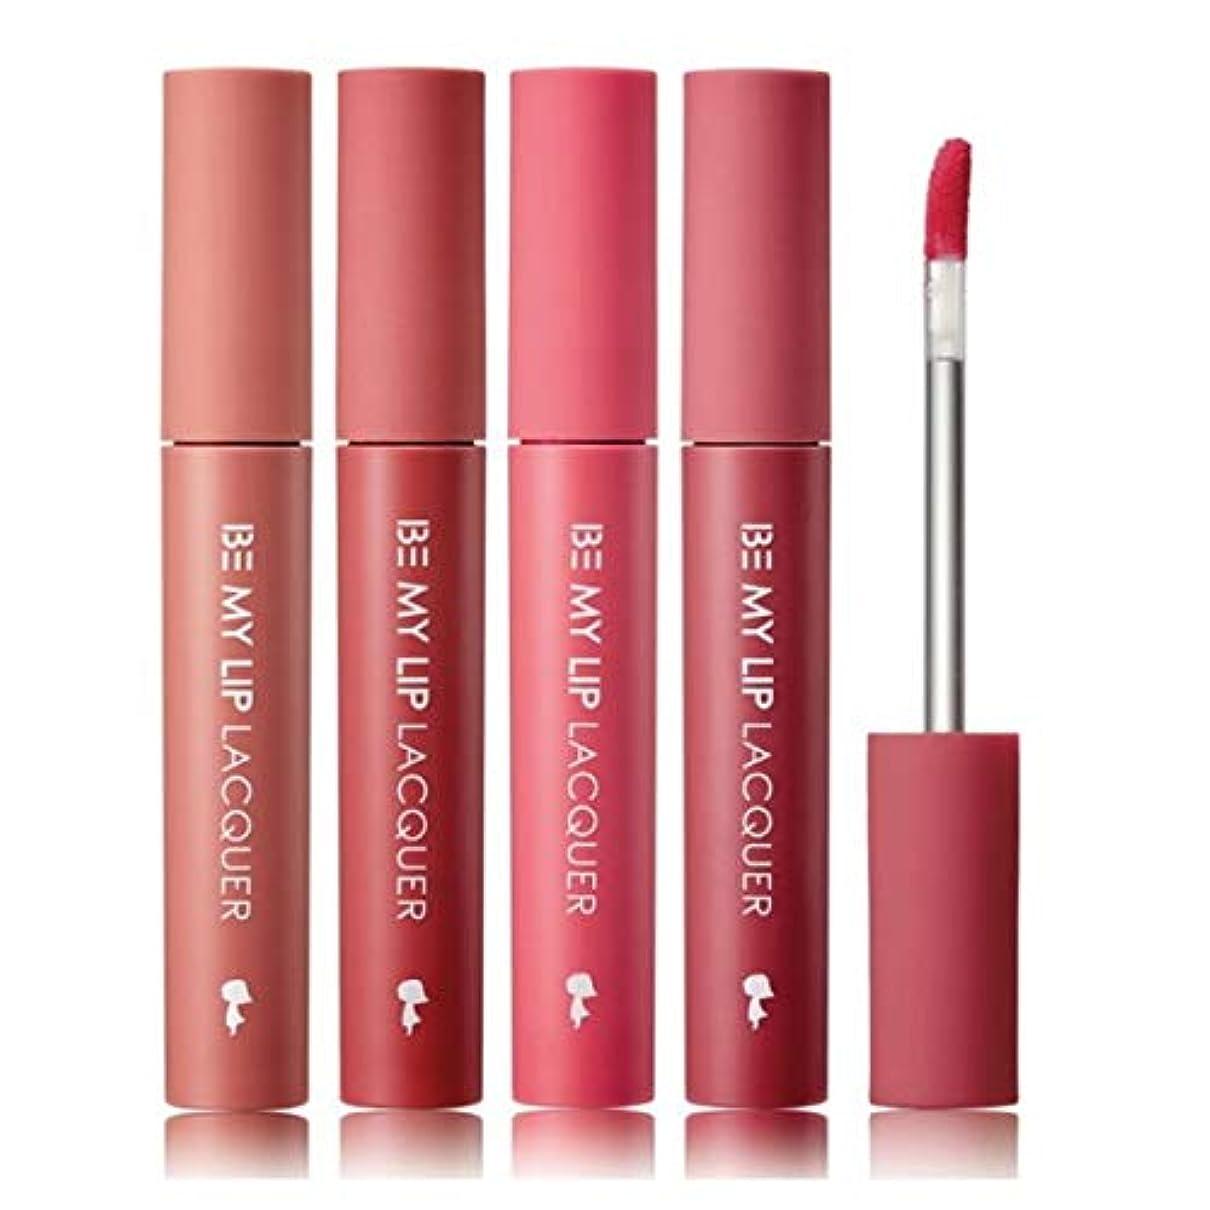 余分な読みやすい舗装するYADAH Be My Lip Lacquer #03 Coral Pink 4g ビー?マイ?リップ?ラッカー - 4g #03コーラルピンク[並行輸入品]